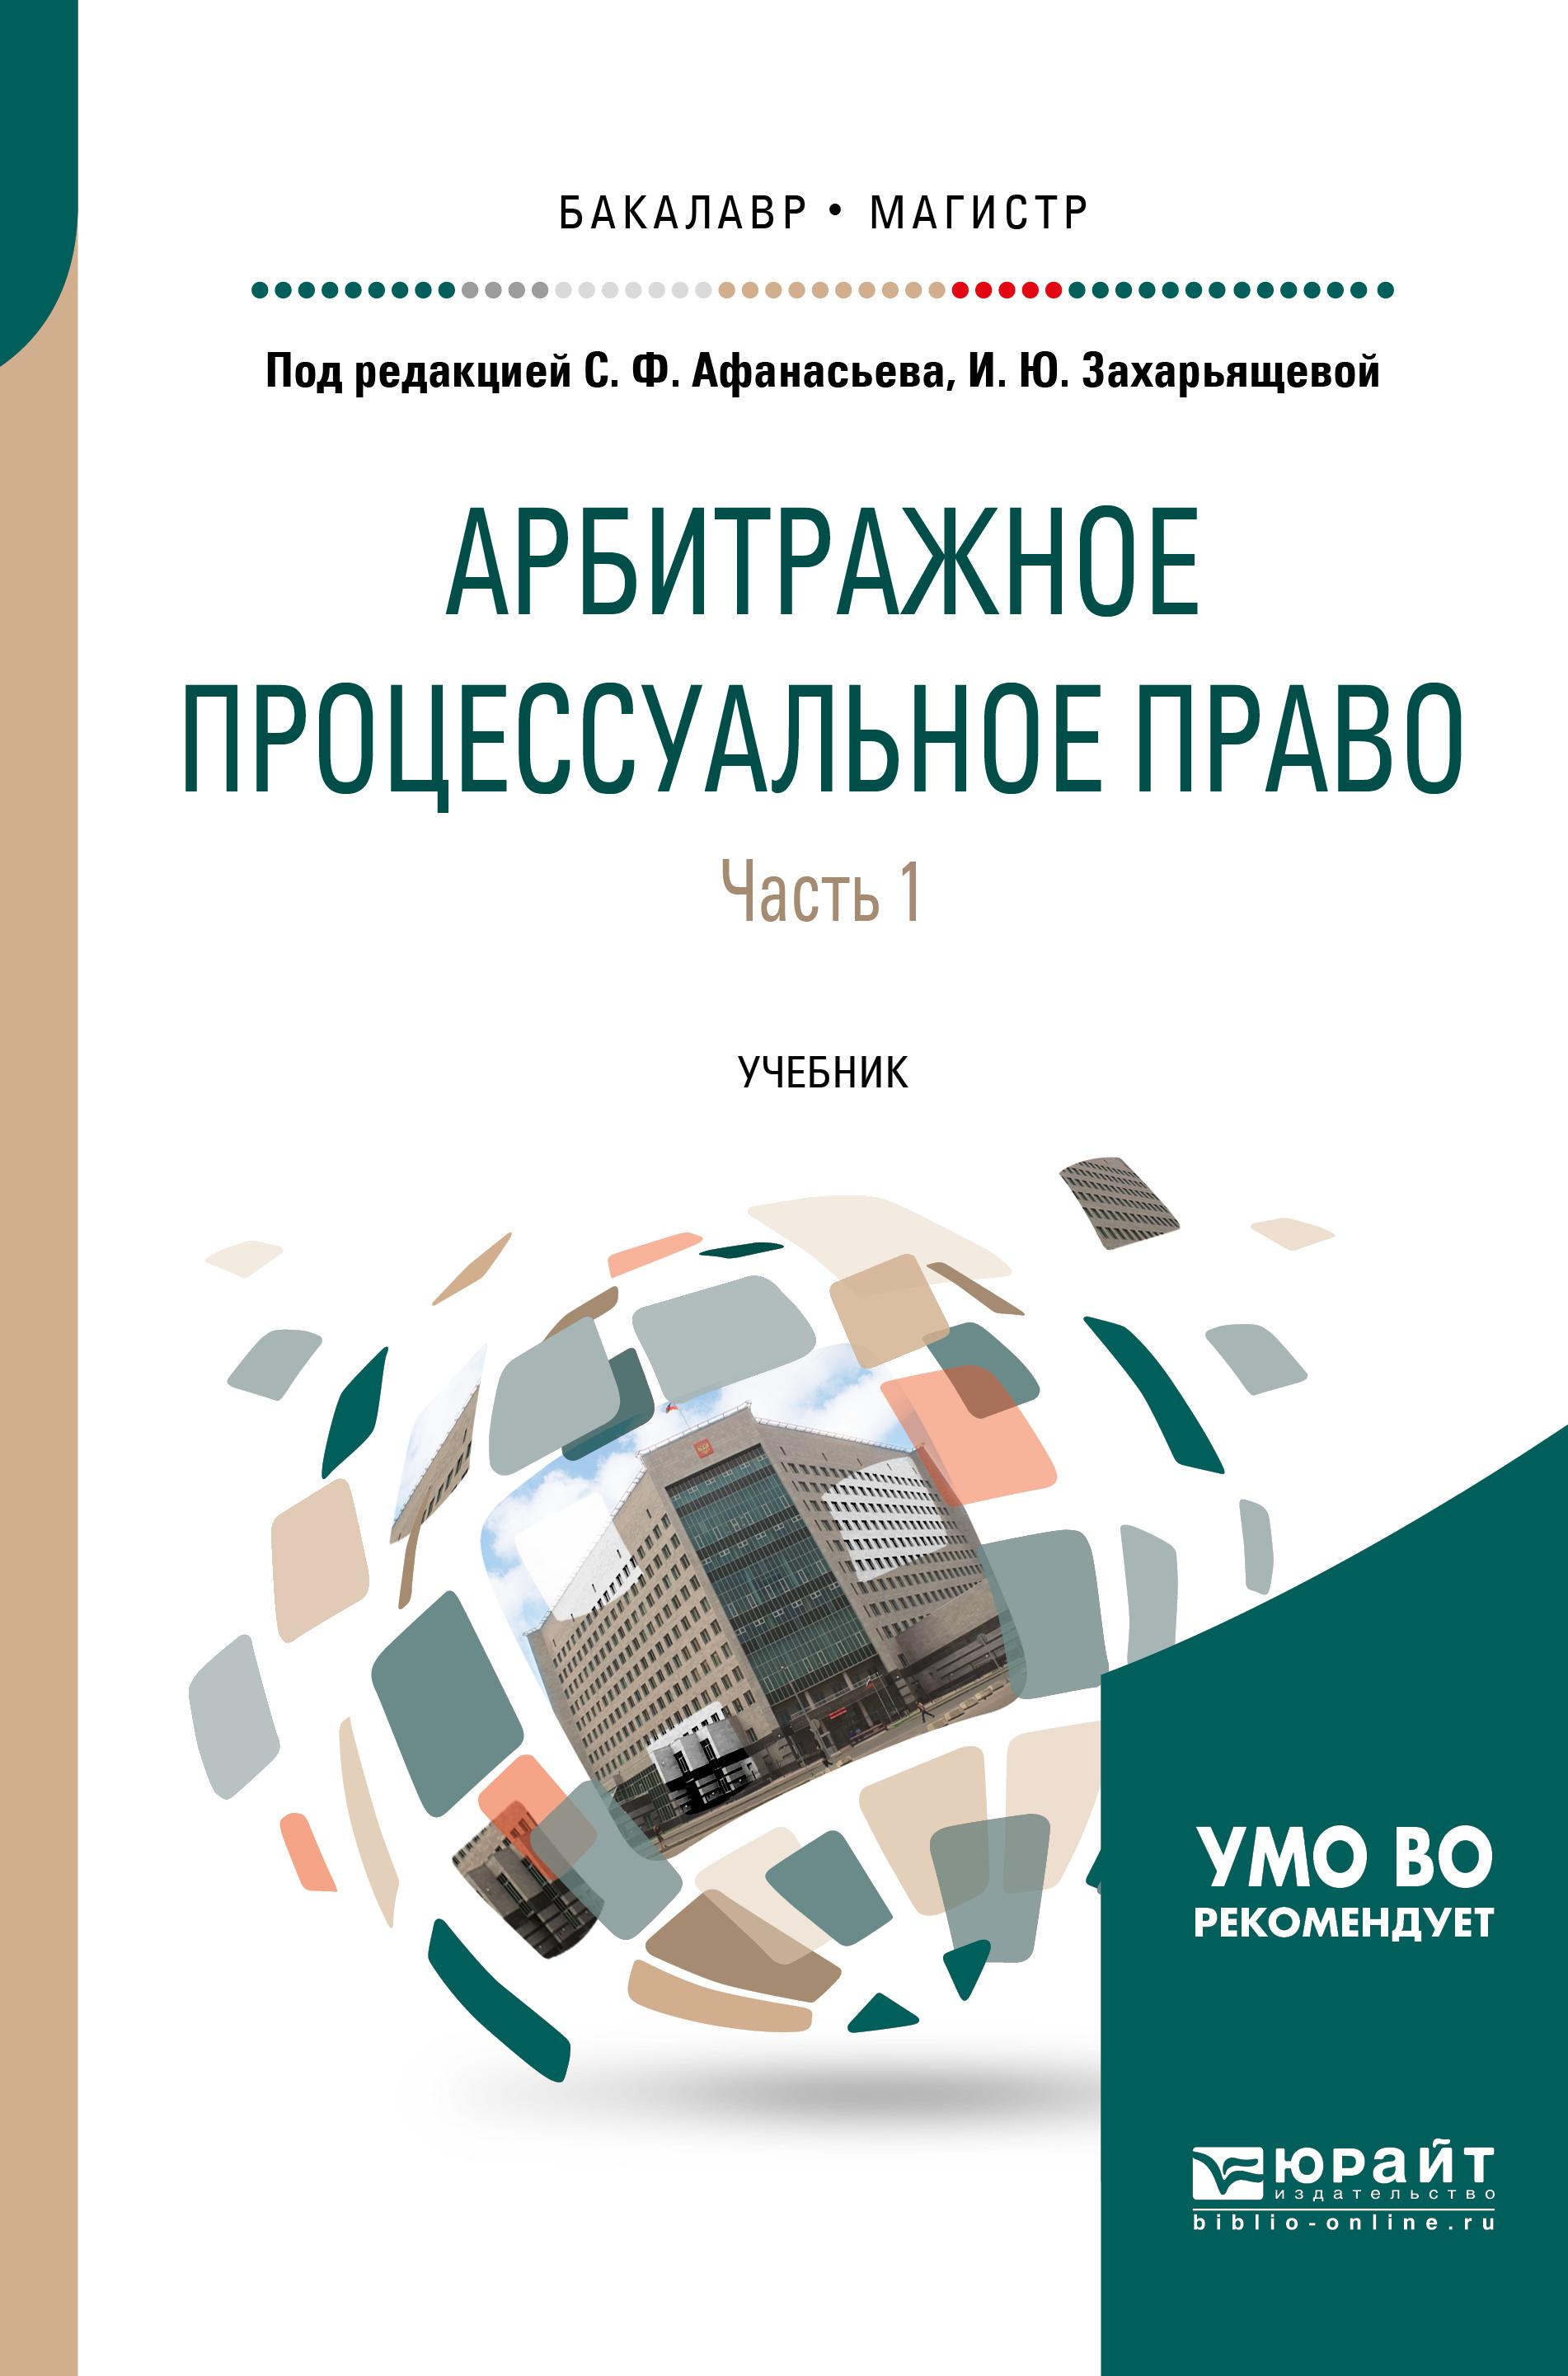 Арбитражное процессуальное право в 2 ч. Часть 1. Учебник для бакалавриата и магистратуры